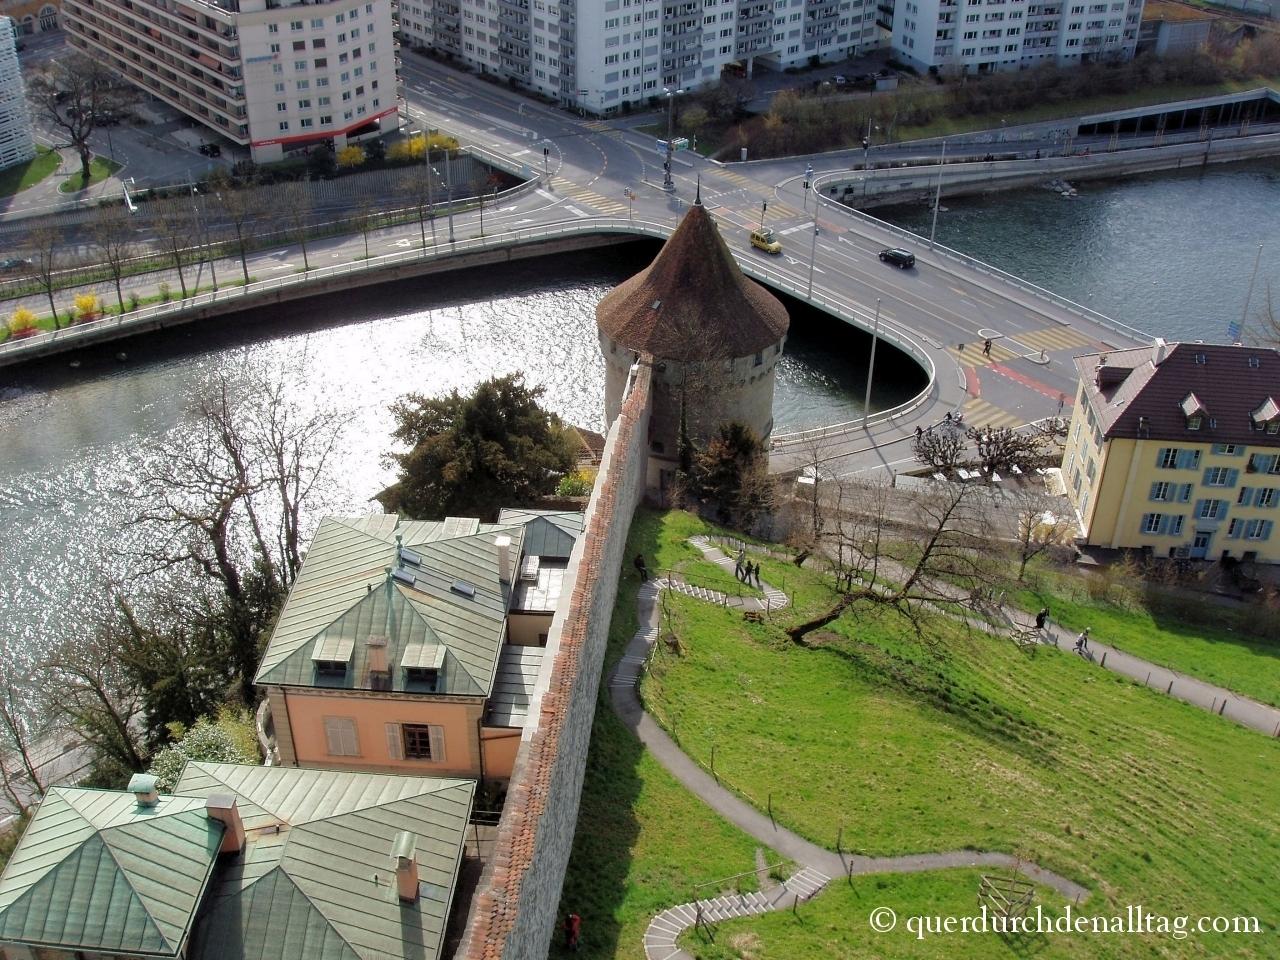 Luzern Museggmauer